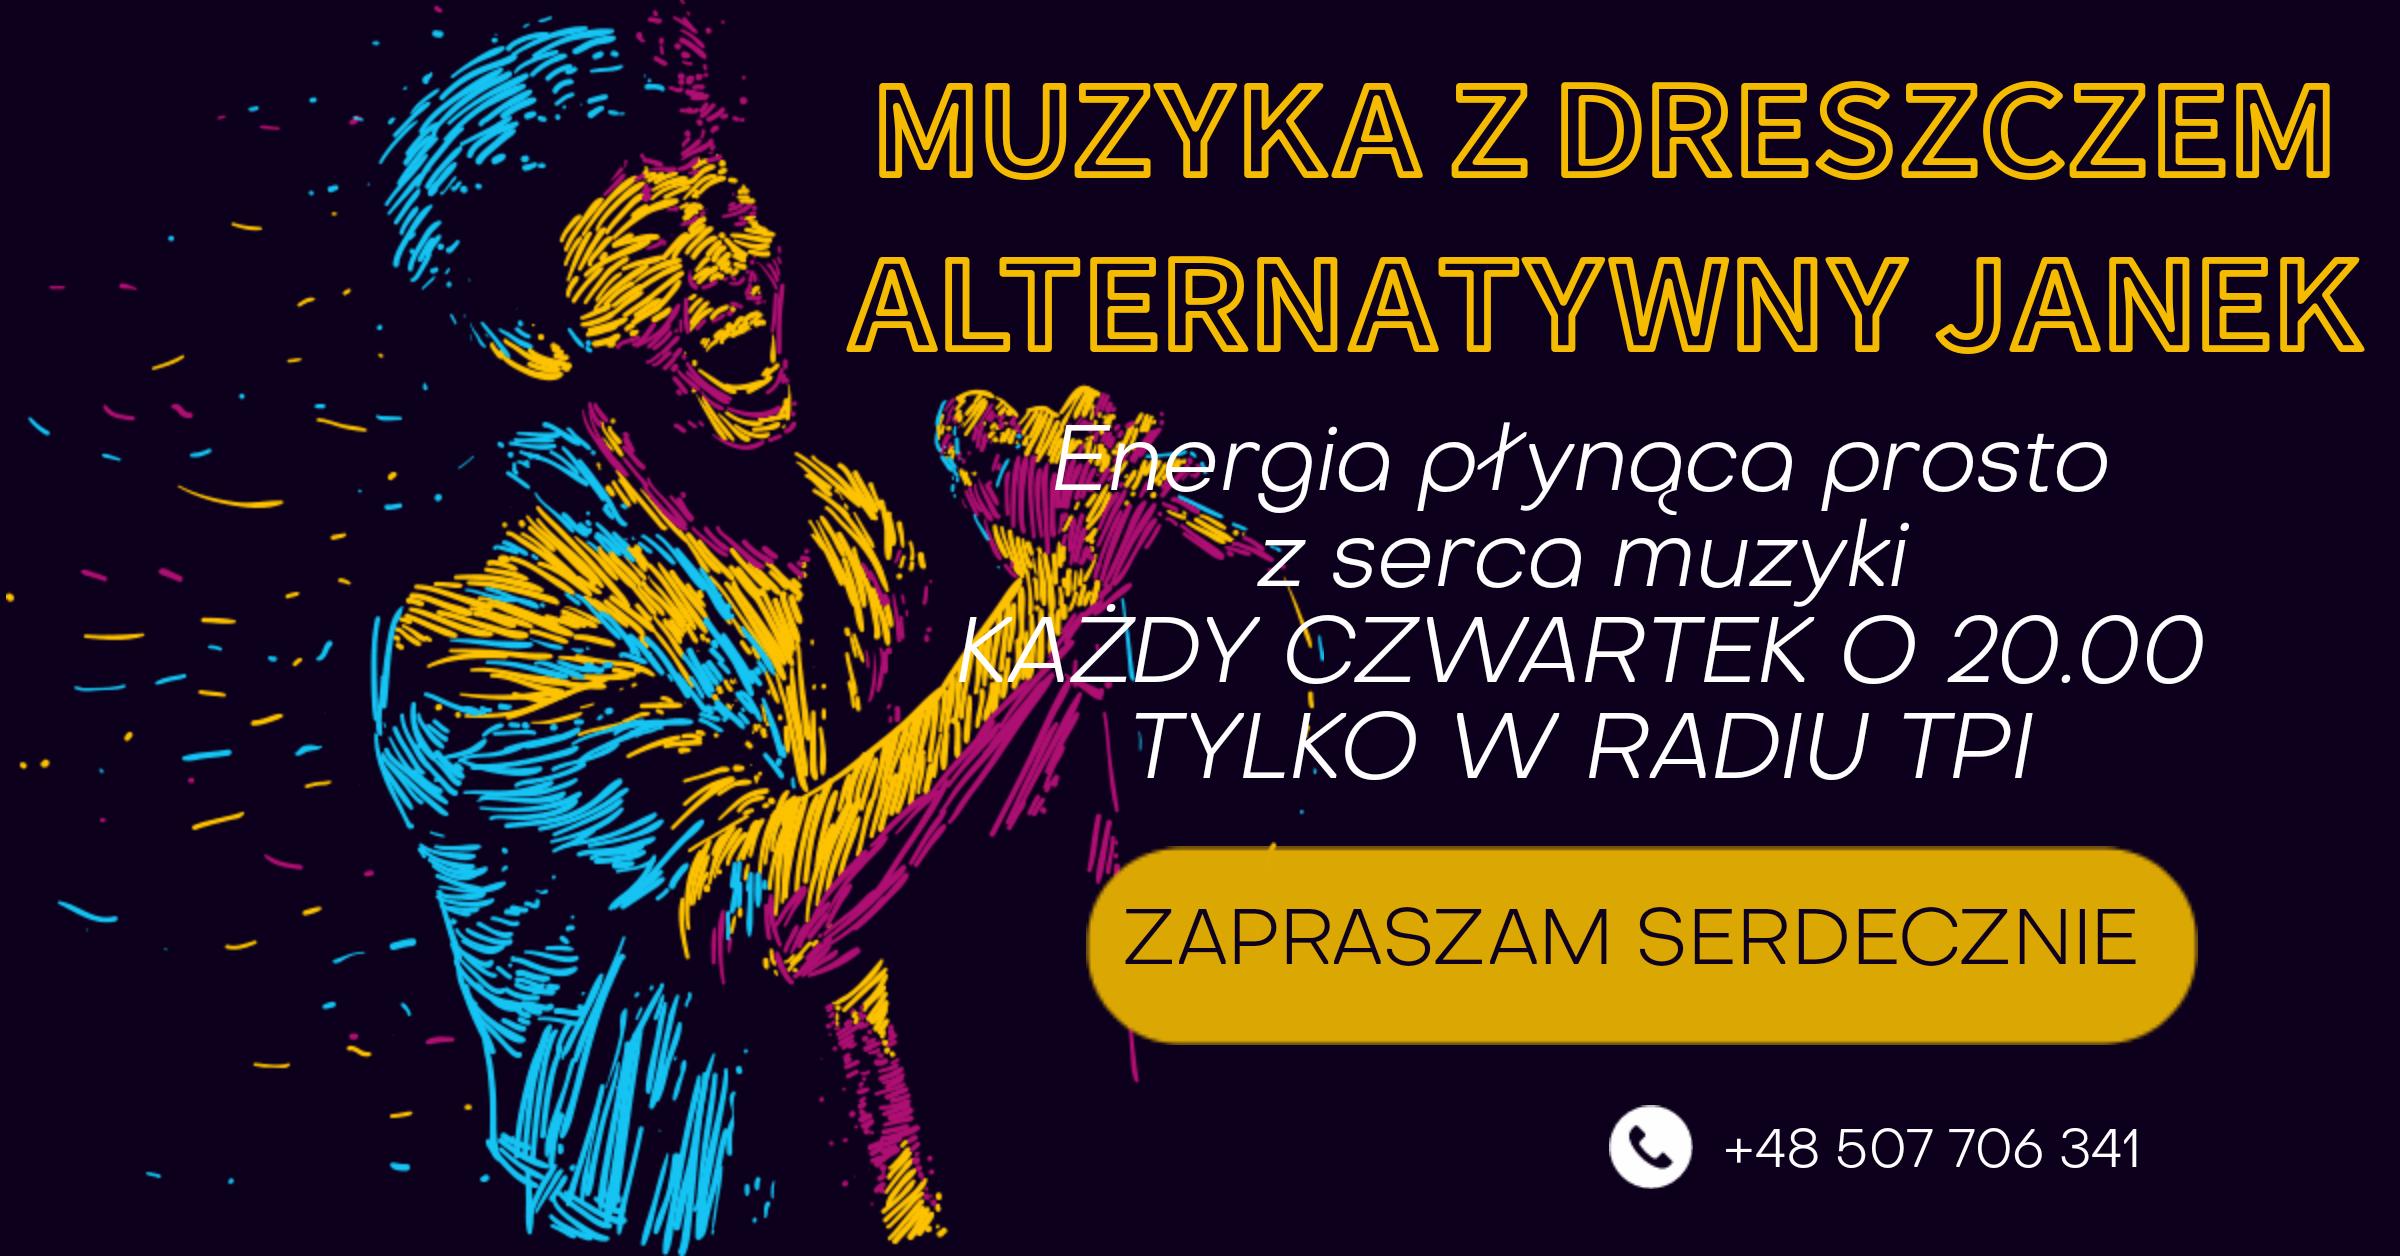 Muzyka z Dreszczem